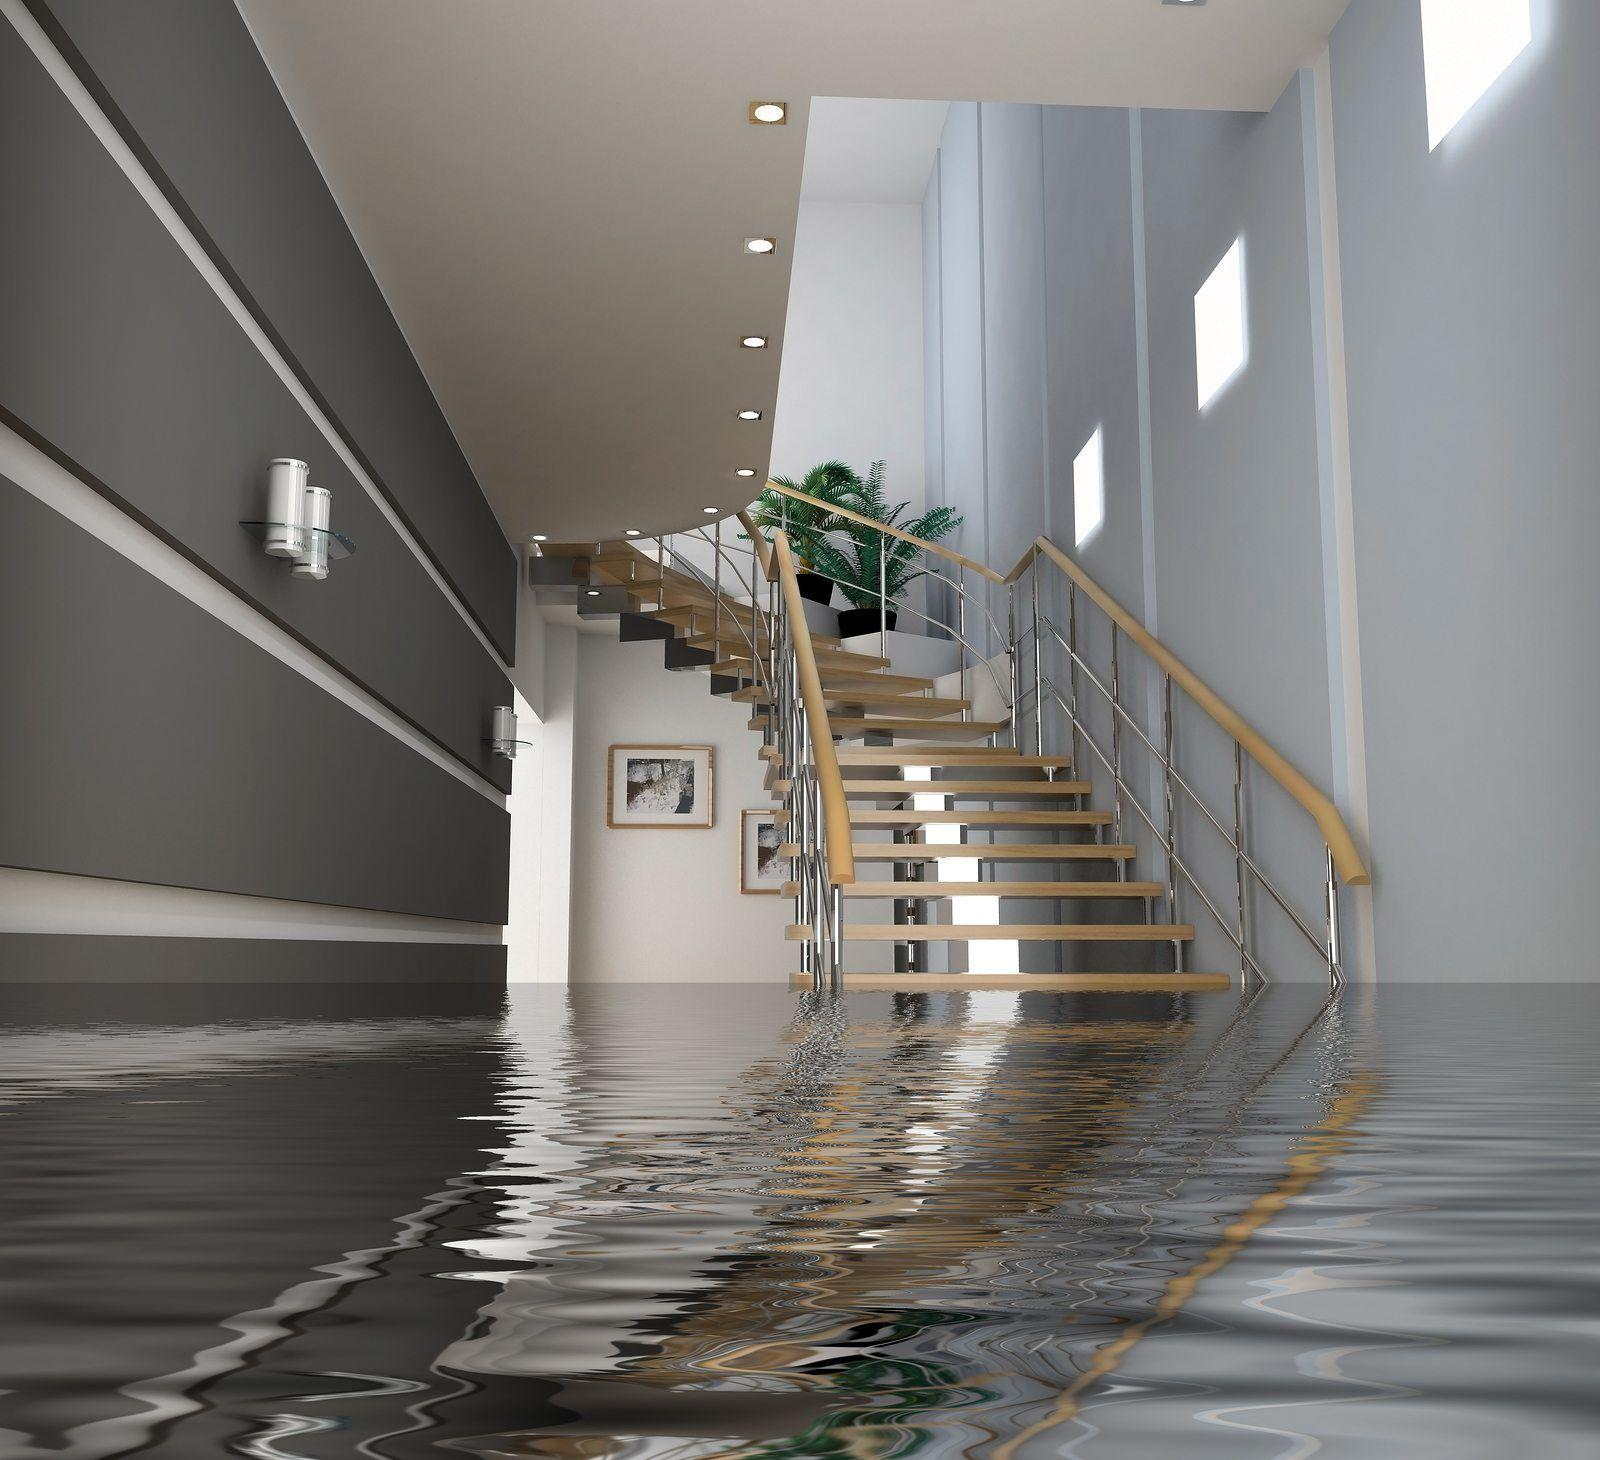 Life After A Flood